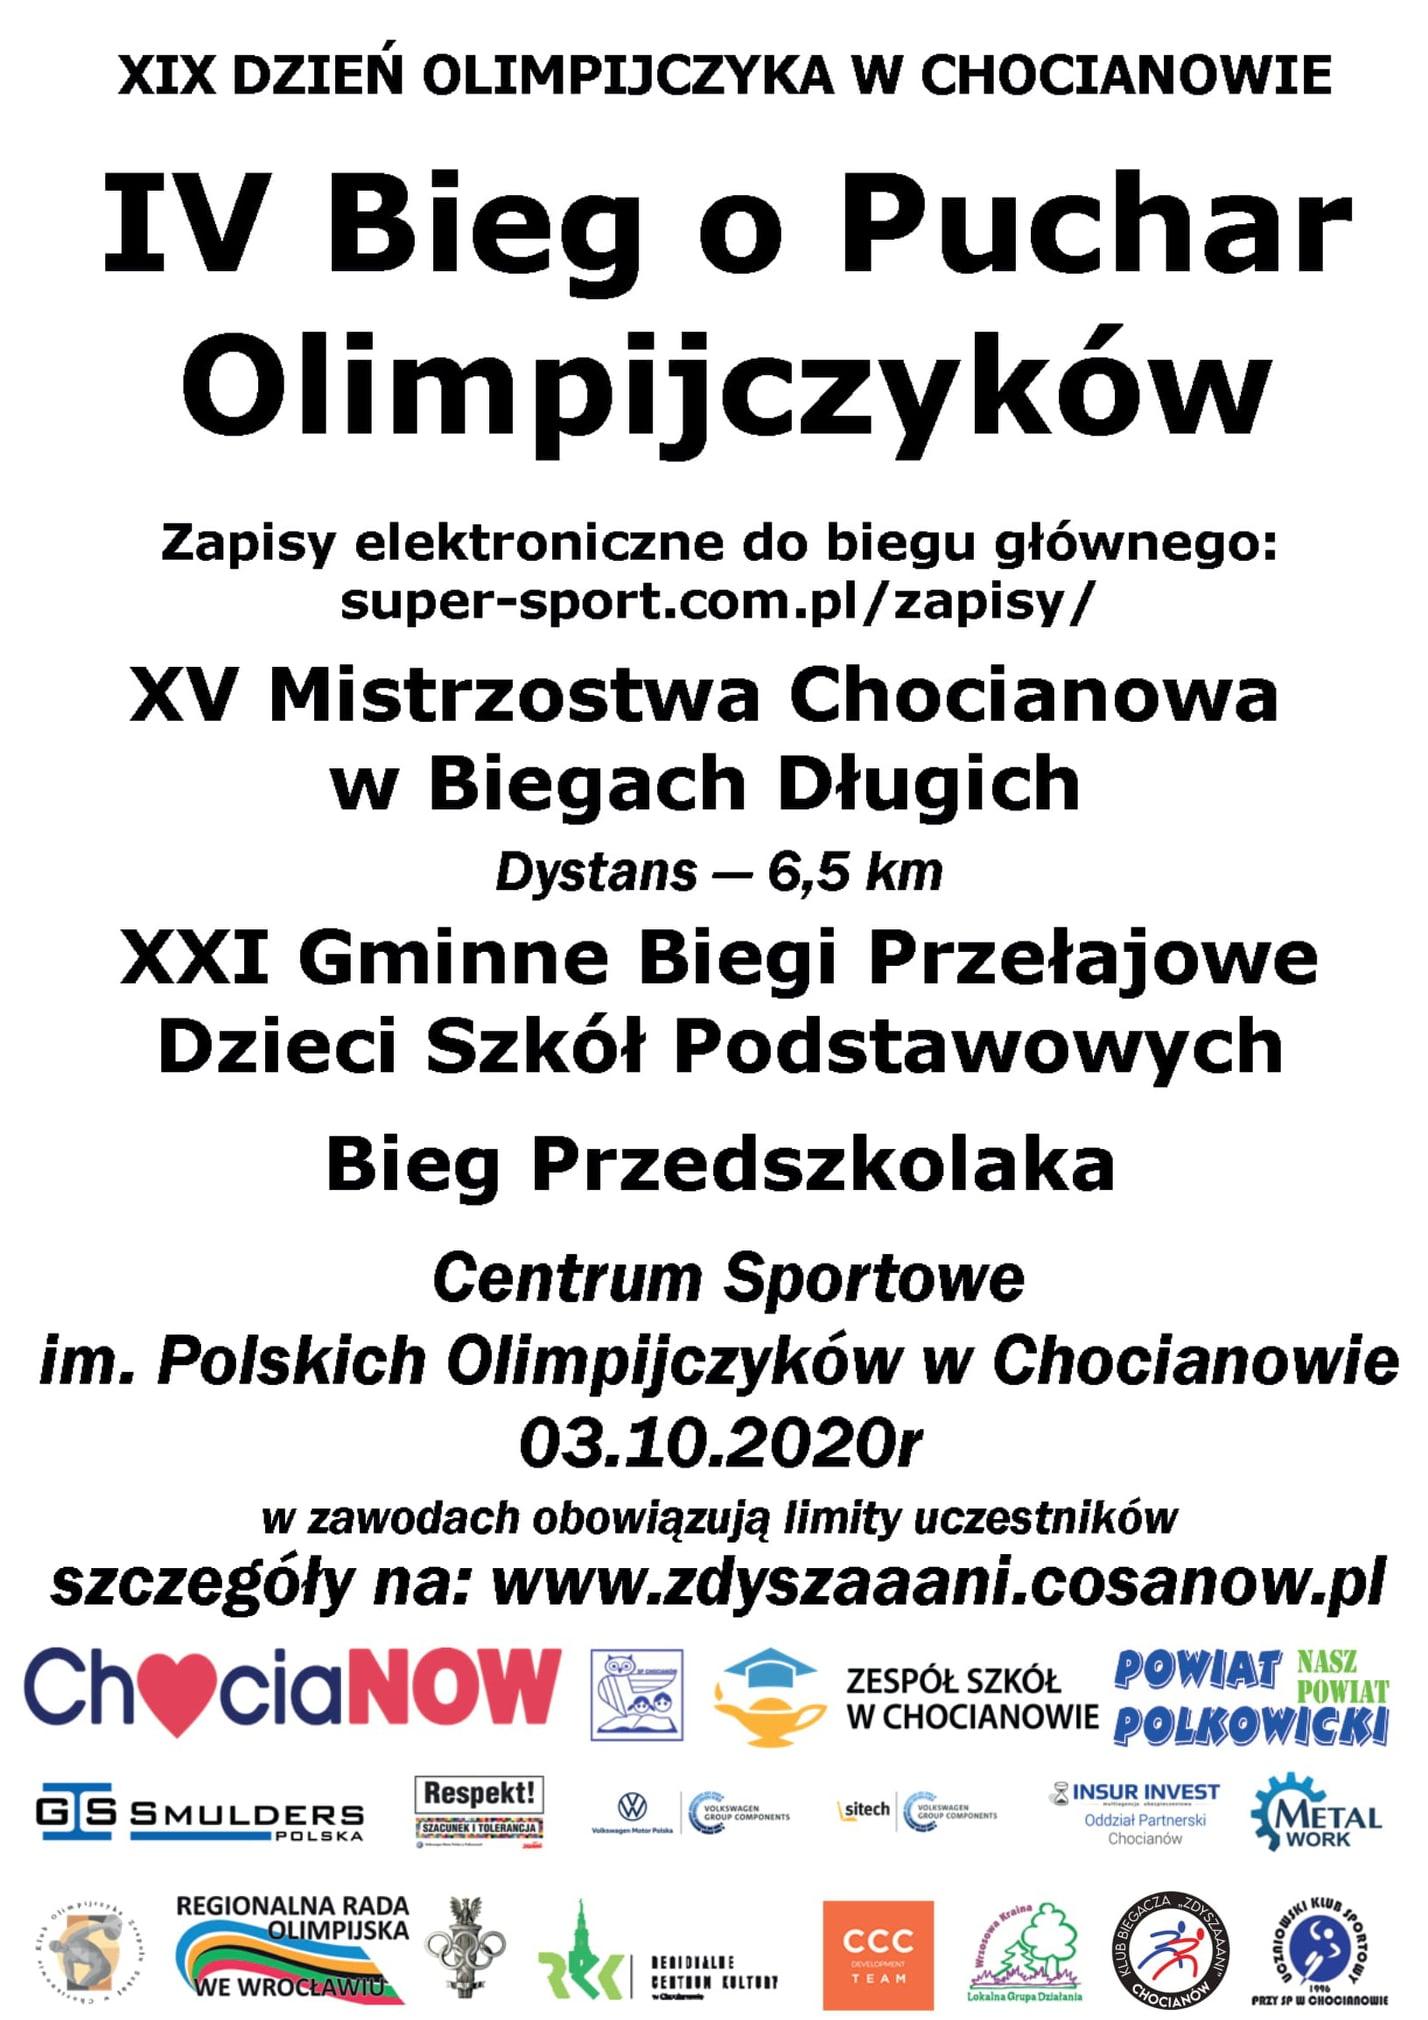 IV Bieg o Puchar Olimpijczyków w pierwszą sobotę października